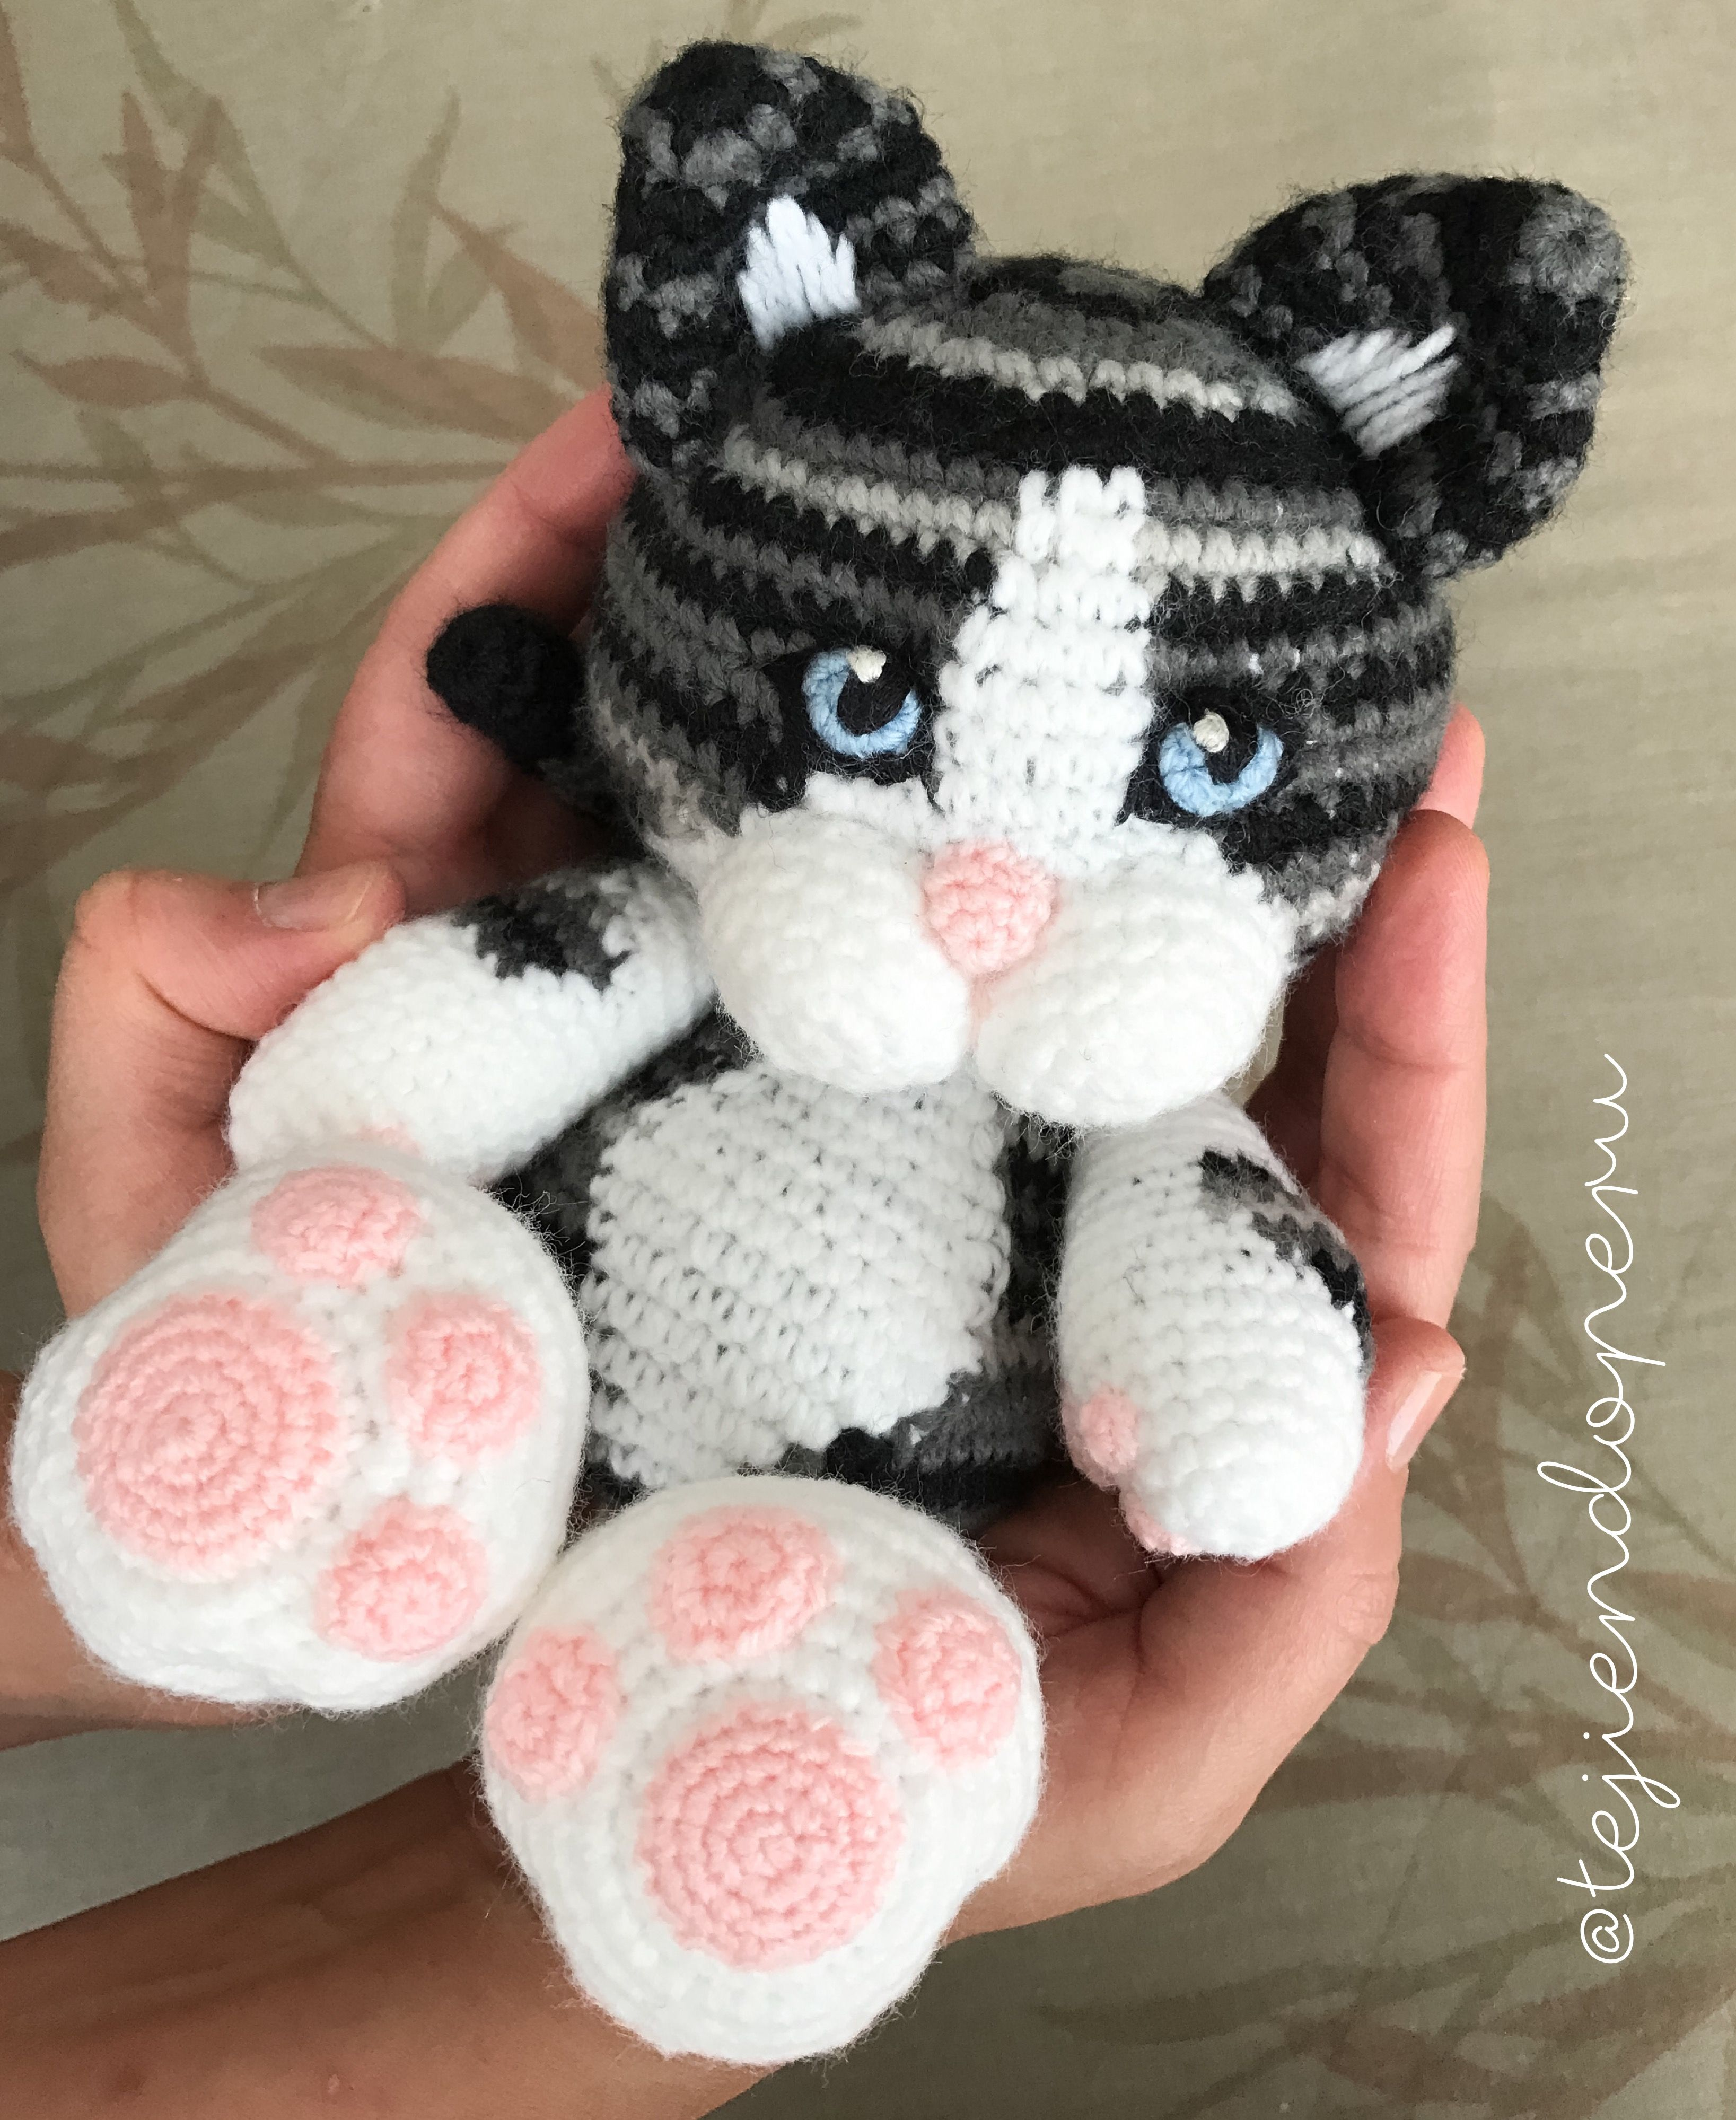 Nuestra gatita Micha en amigurumi Adaptamos el patrón para regalársela a  Lorena! Amigurumi cat 49a9c94fe54